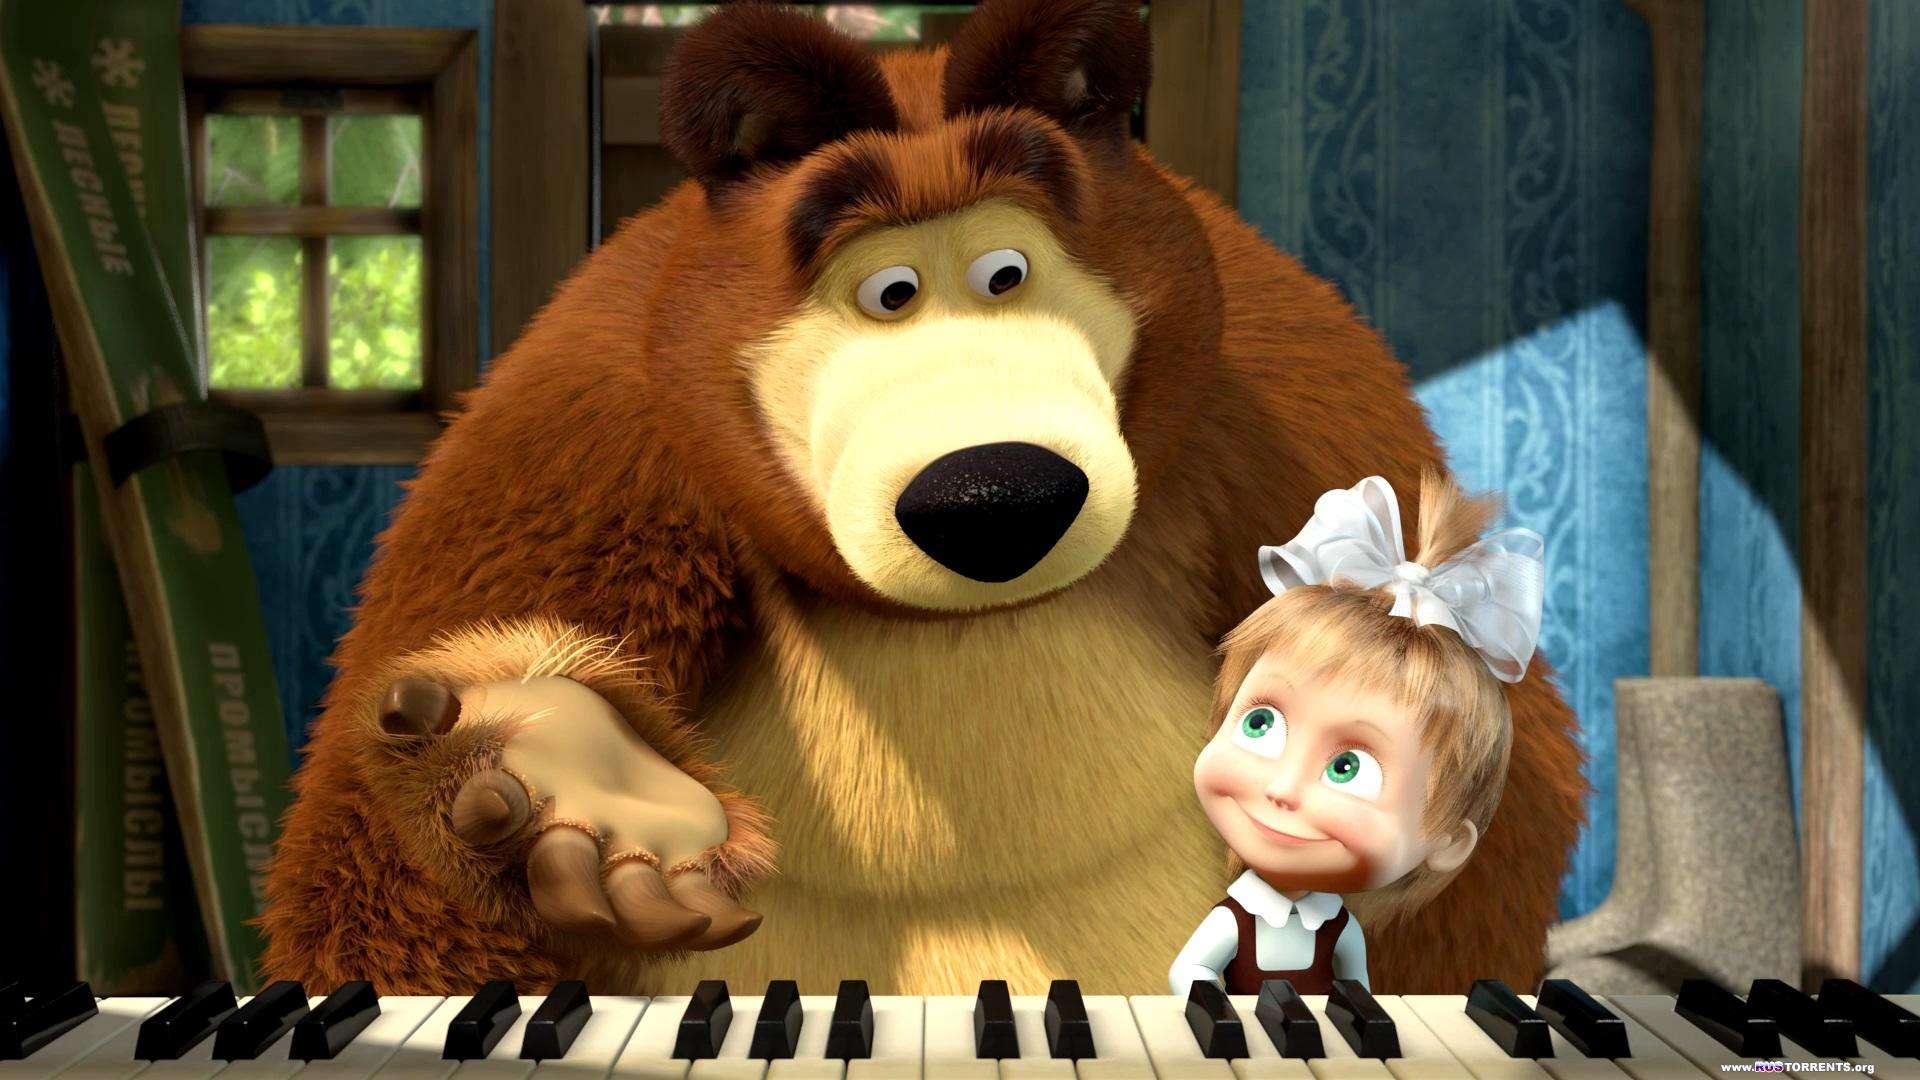 Маша и Медведь [01-54] + Машины Сказки [01-26] + Машкины страшилки [01-10] | BDRemux 1080p